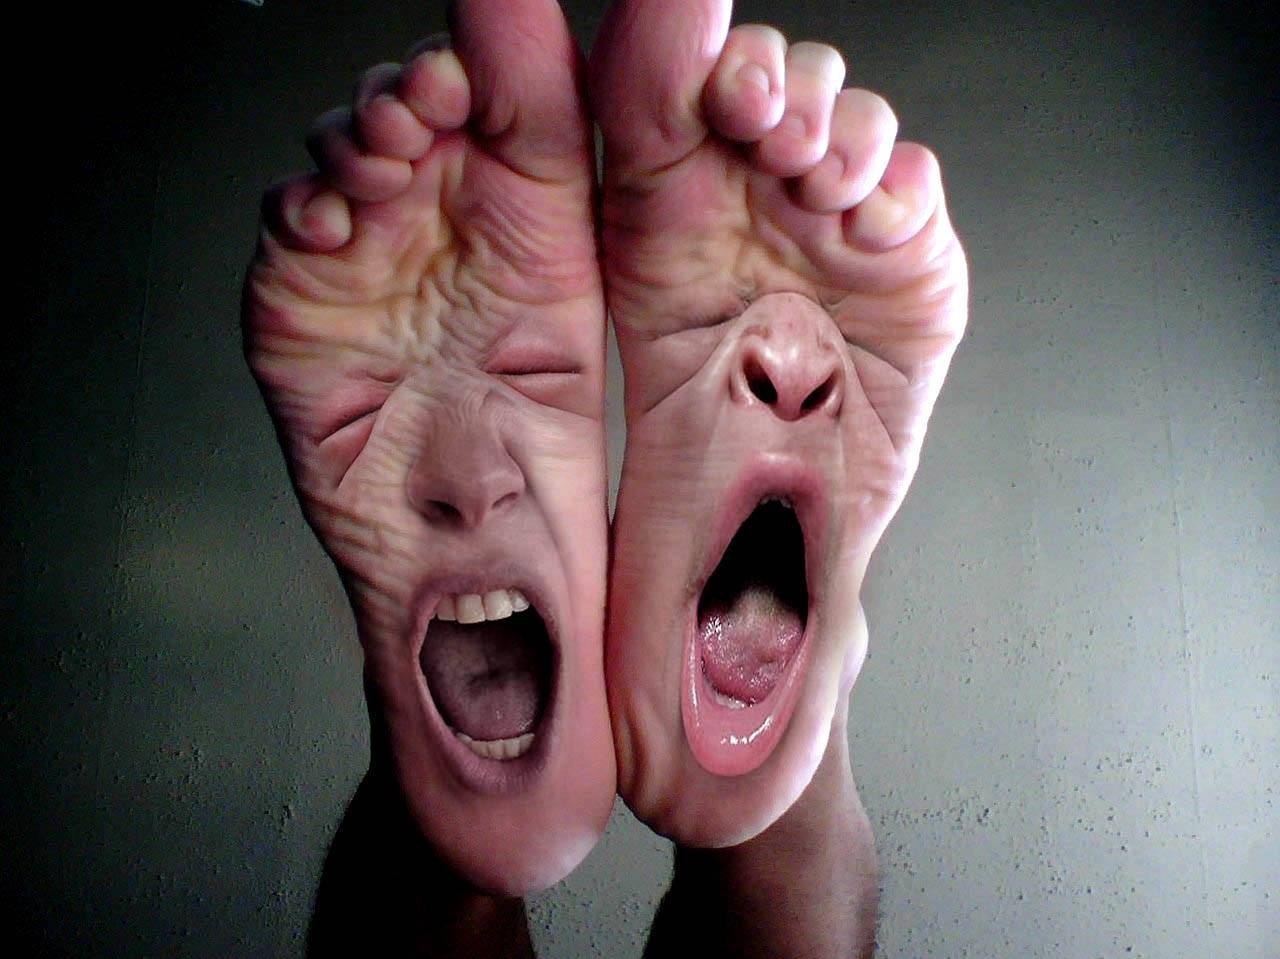 Прикольные картинки на ногах, днем